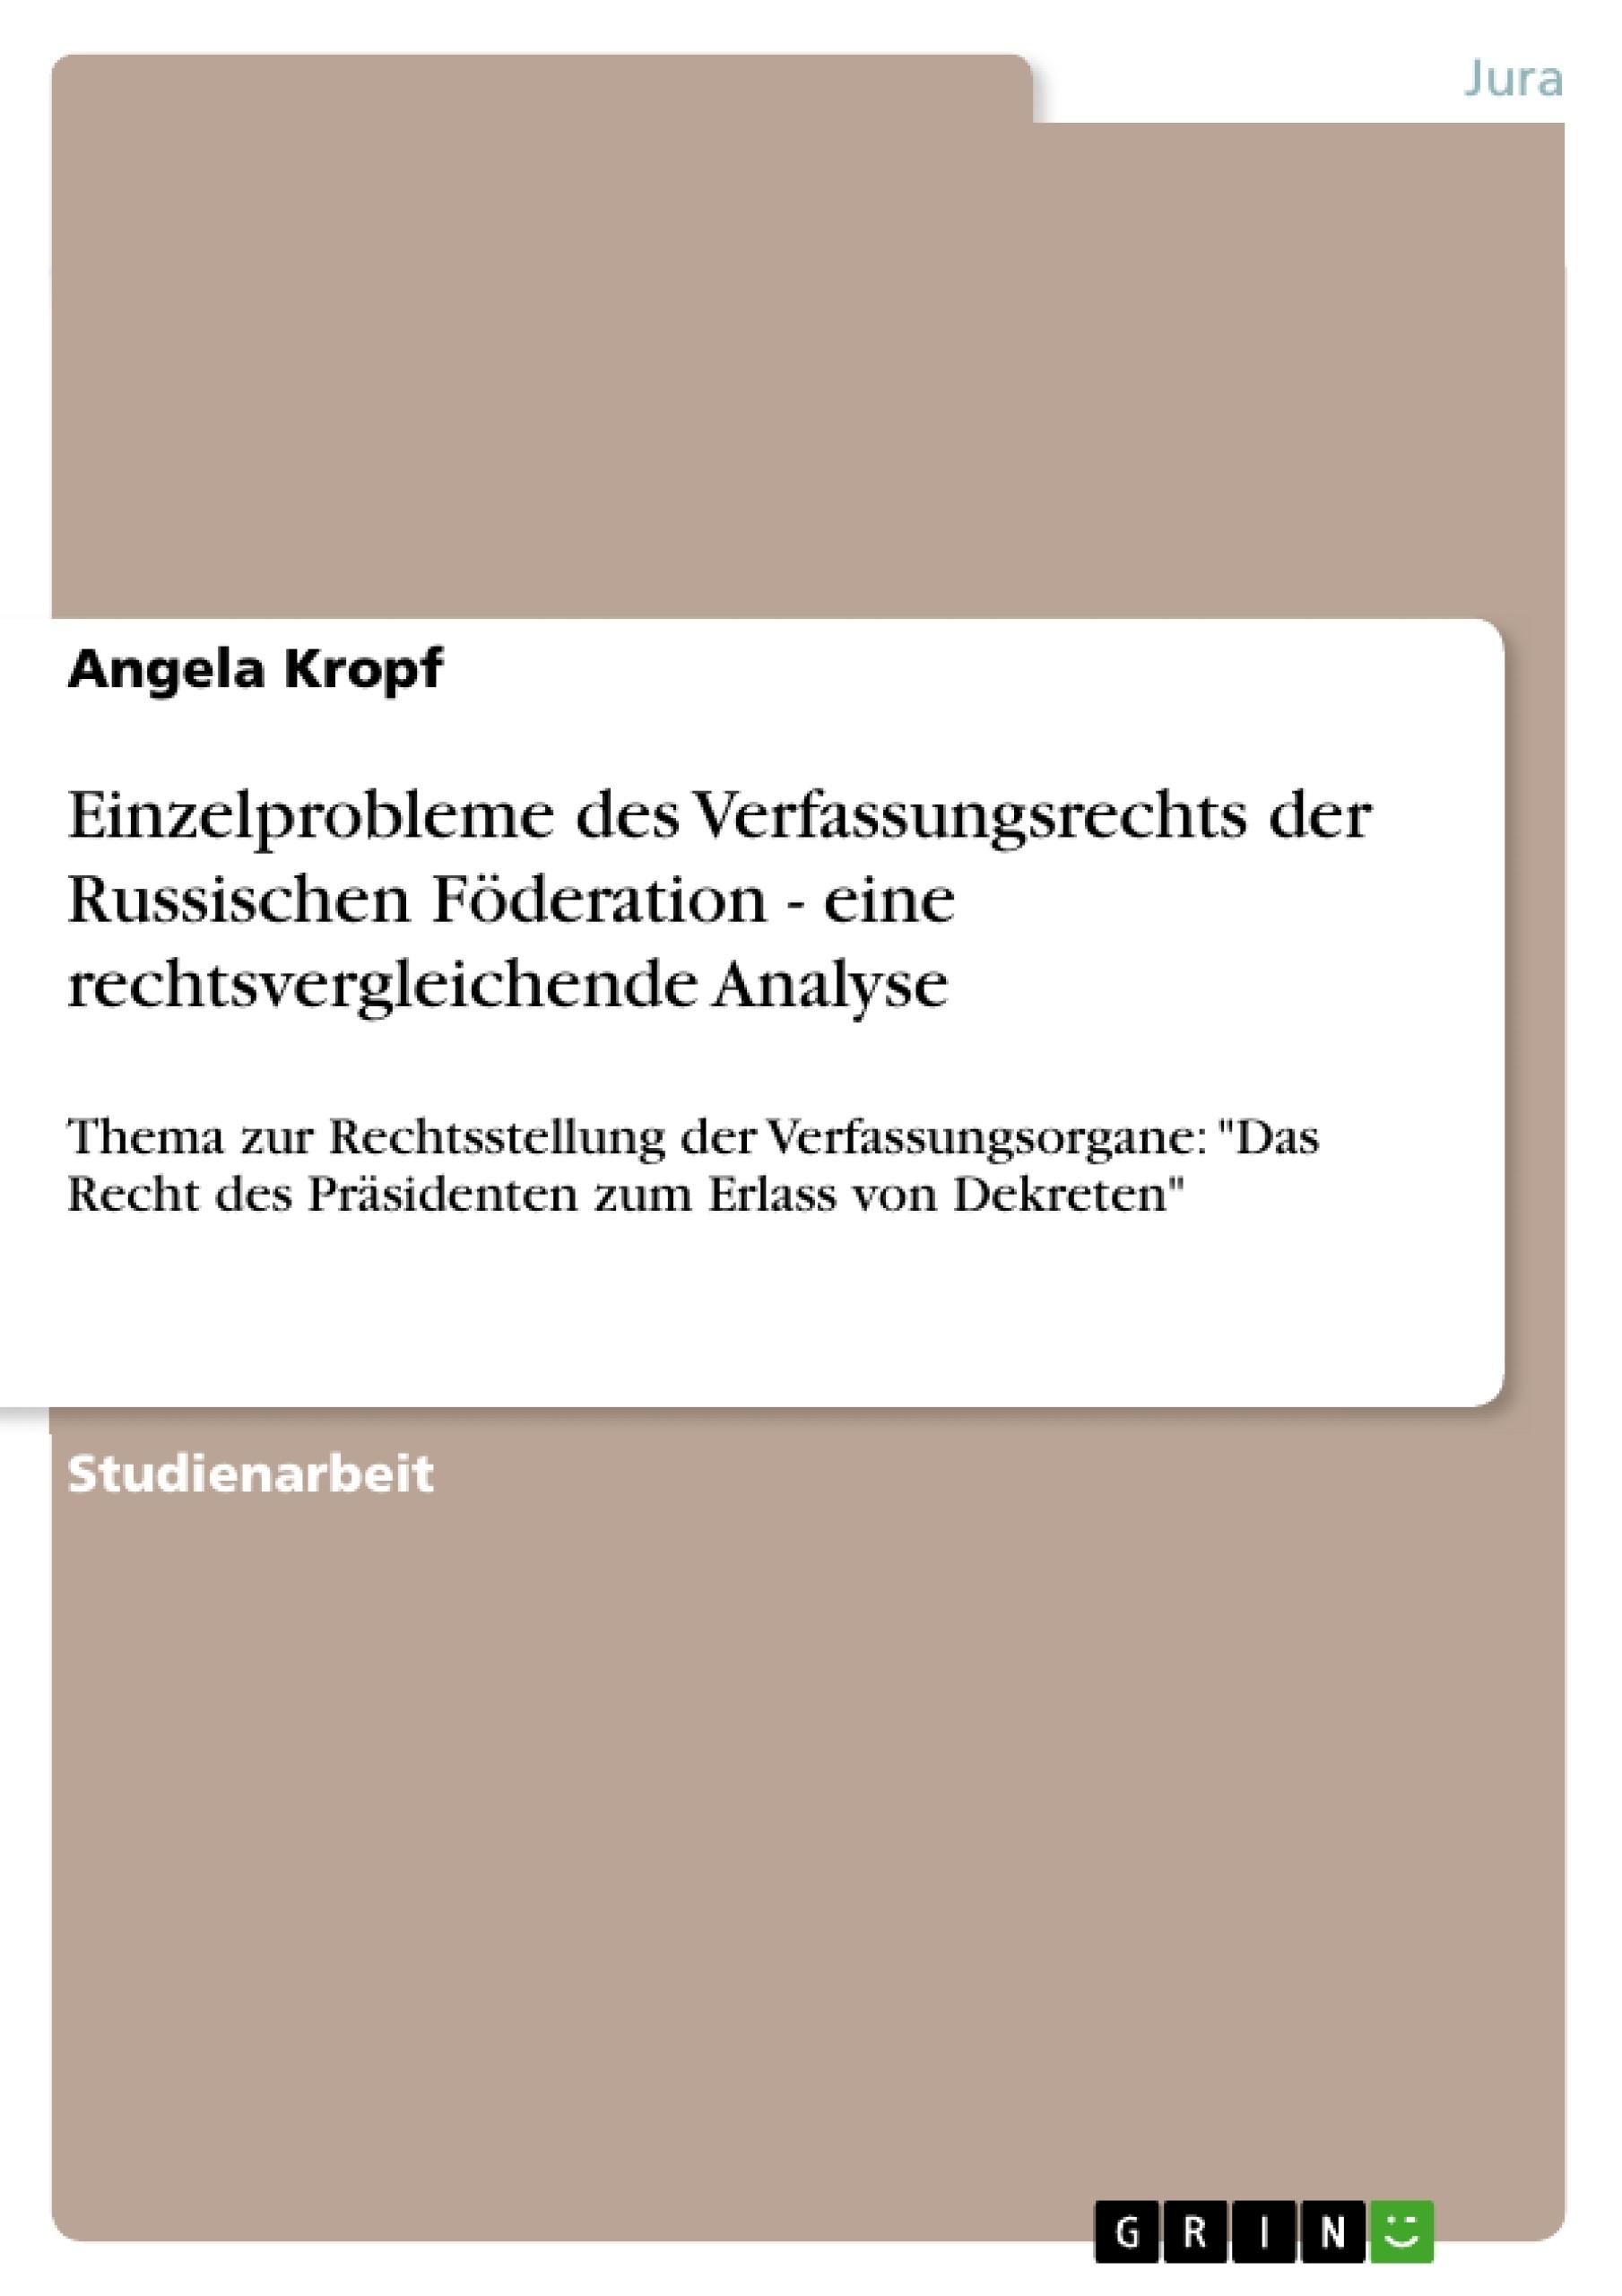 Titel: Einzelprobleme des Verfassungsrechts der Russischen Föderation - eine rechtsvergleichende Analyse